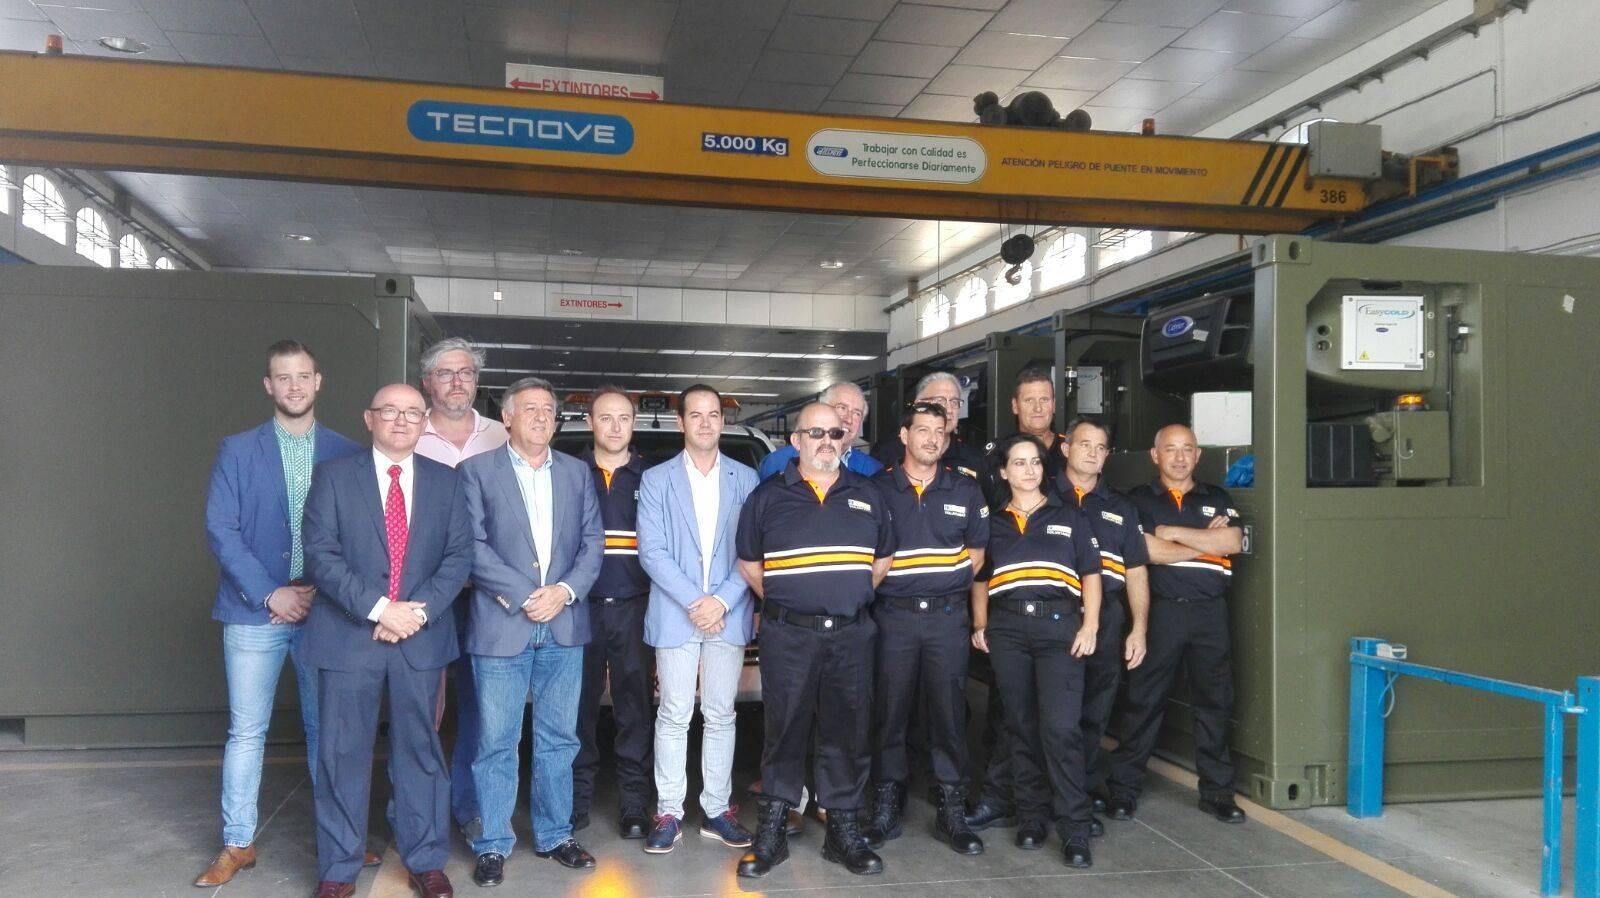 Grupo de protección civil, ayuntamiento y representantes de grupo tecnove